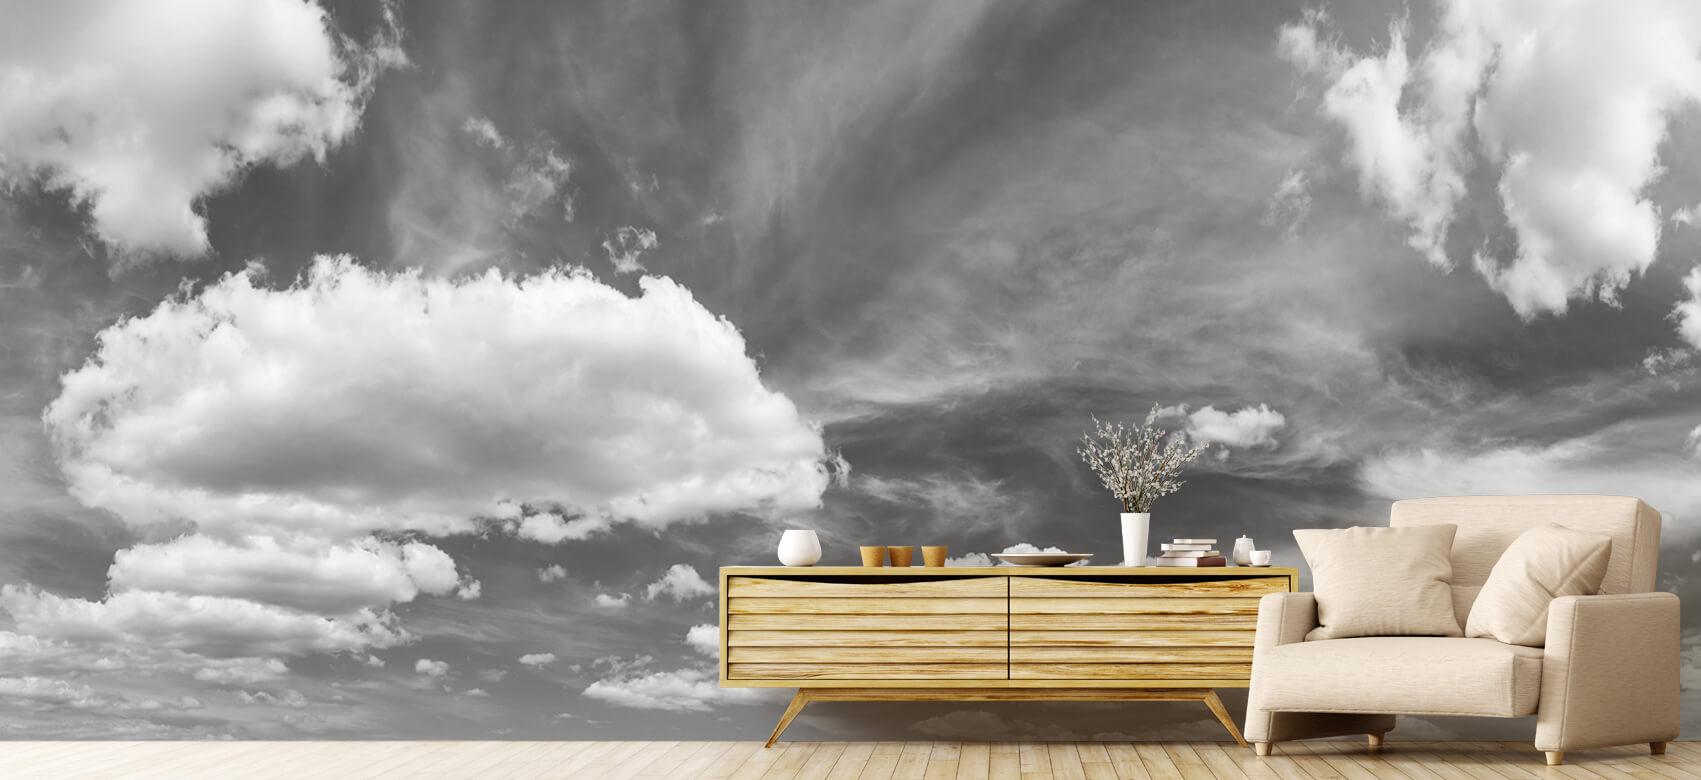 Natuur Blauwe lucht met wolken 8